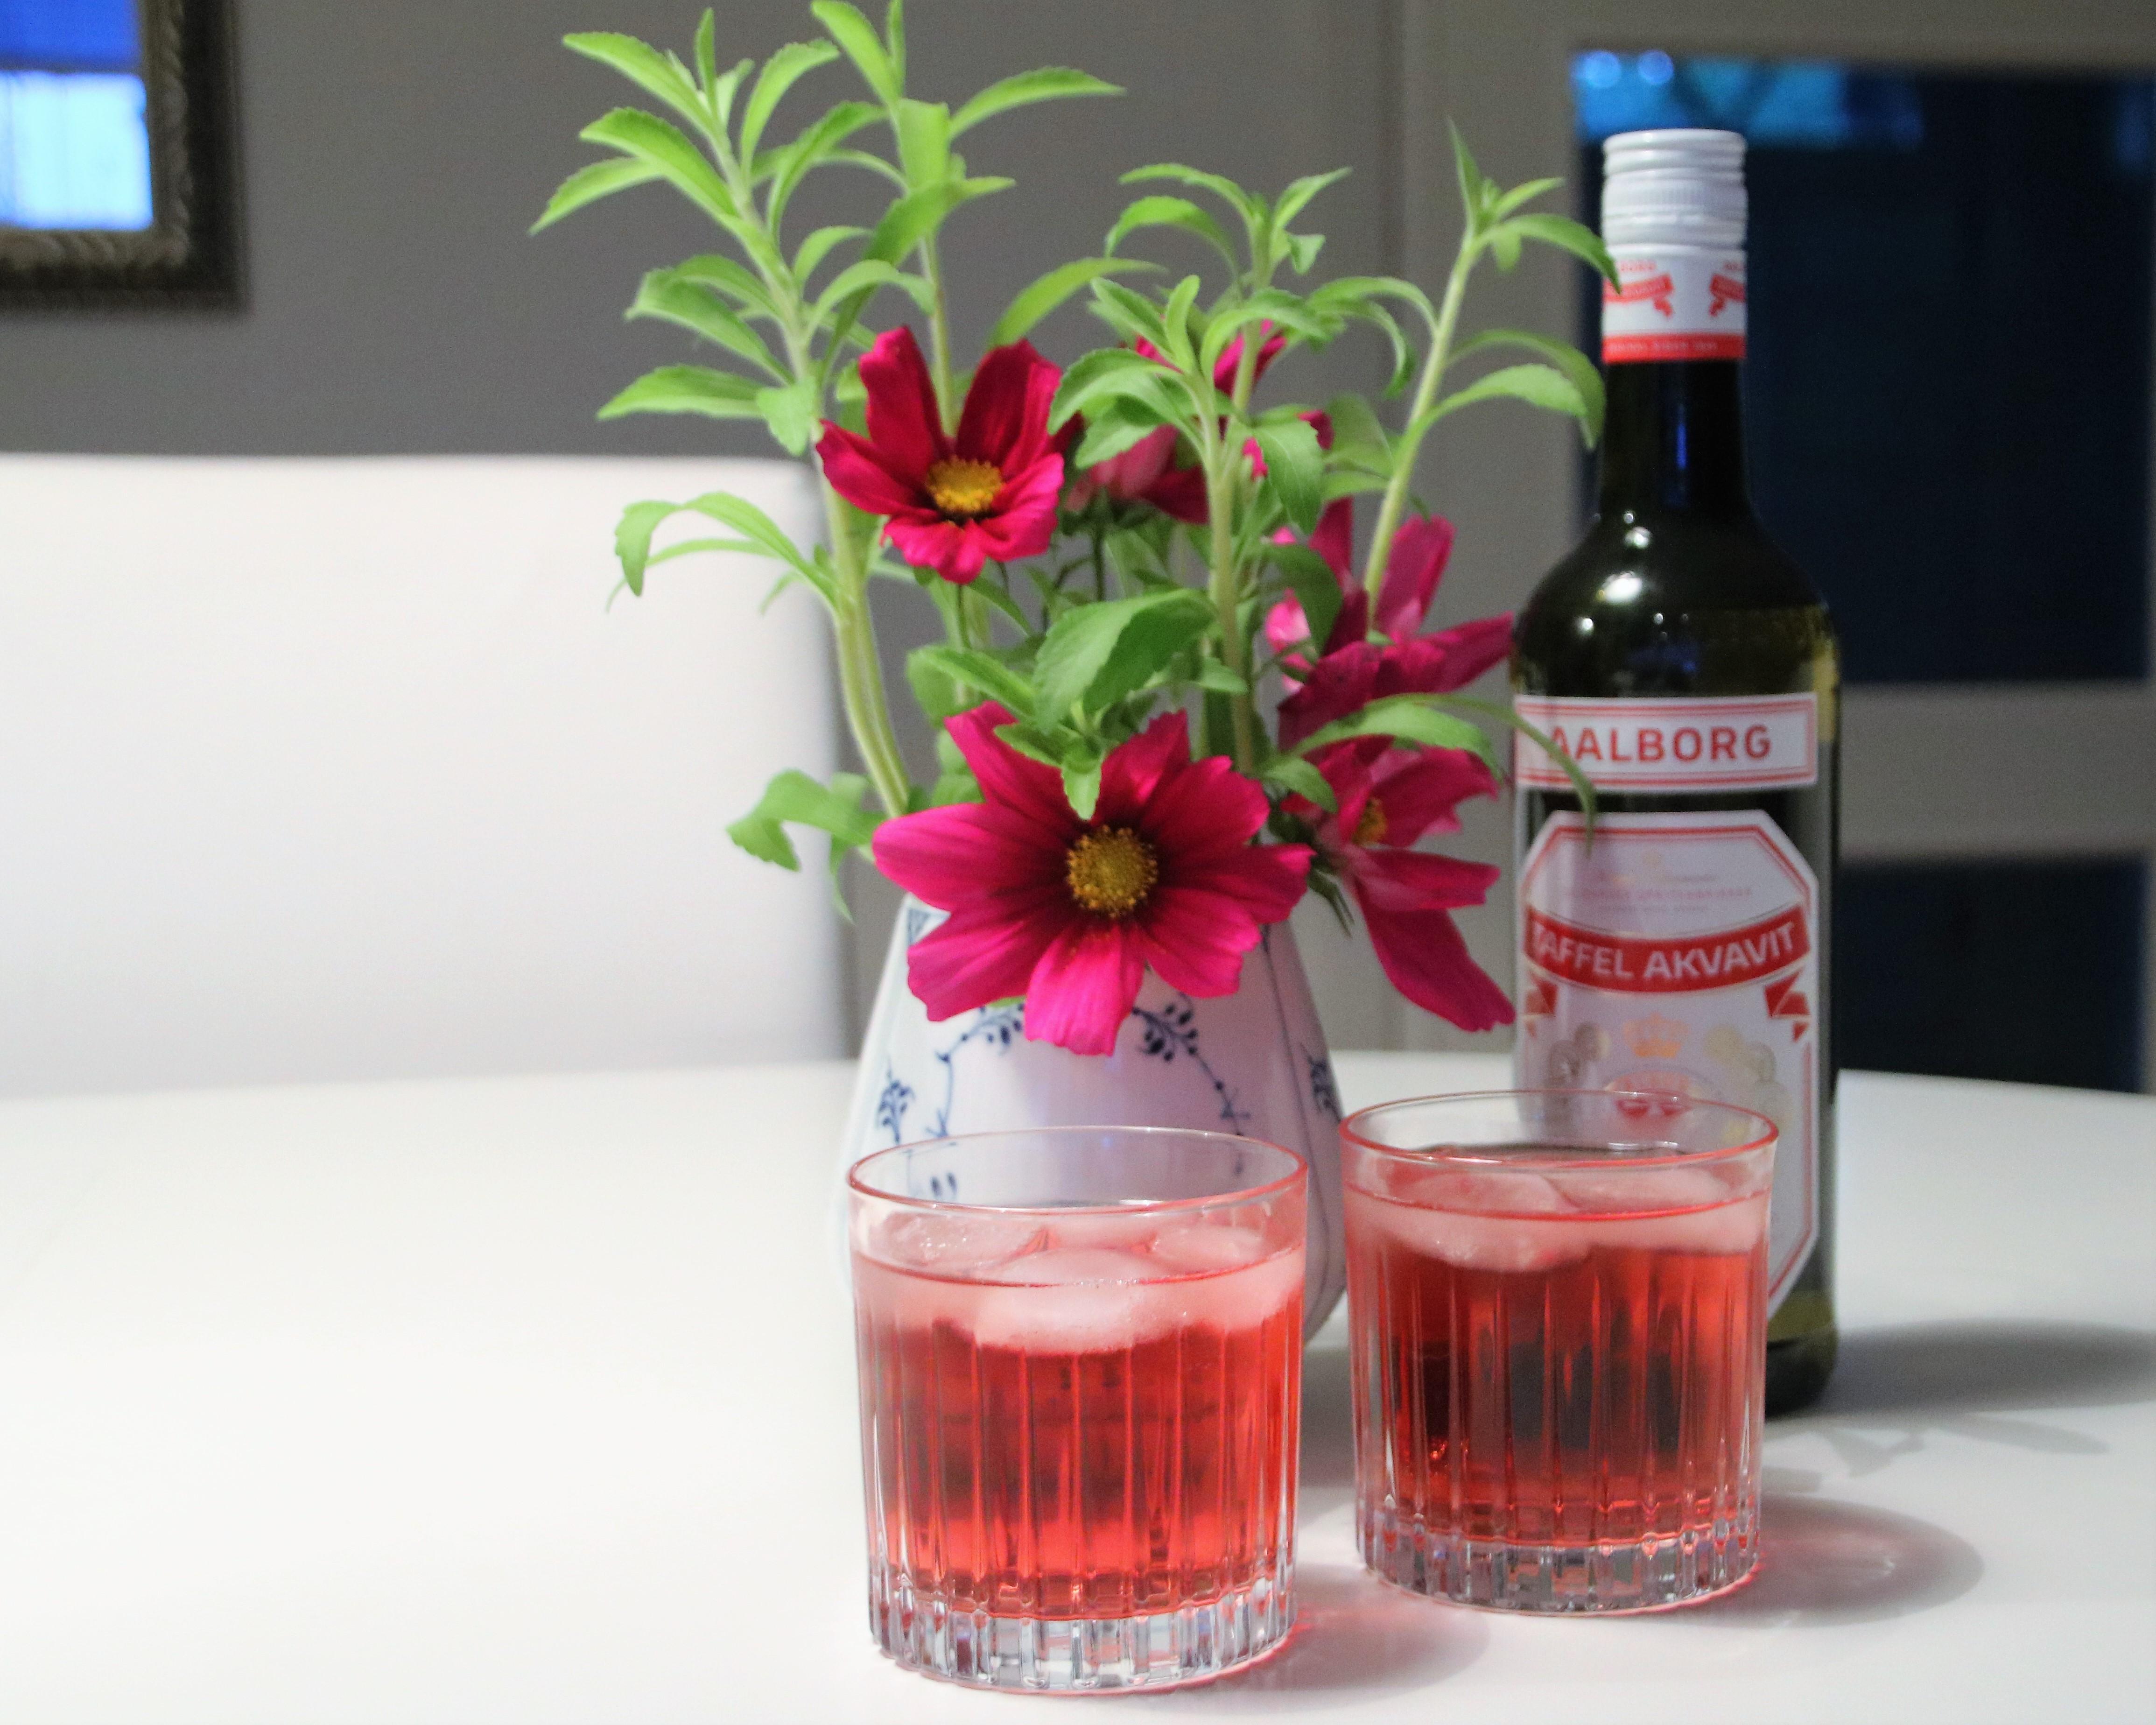 Akvavi´tails  drink – brug snaps på en anden måde